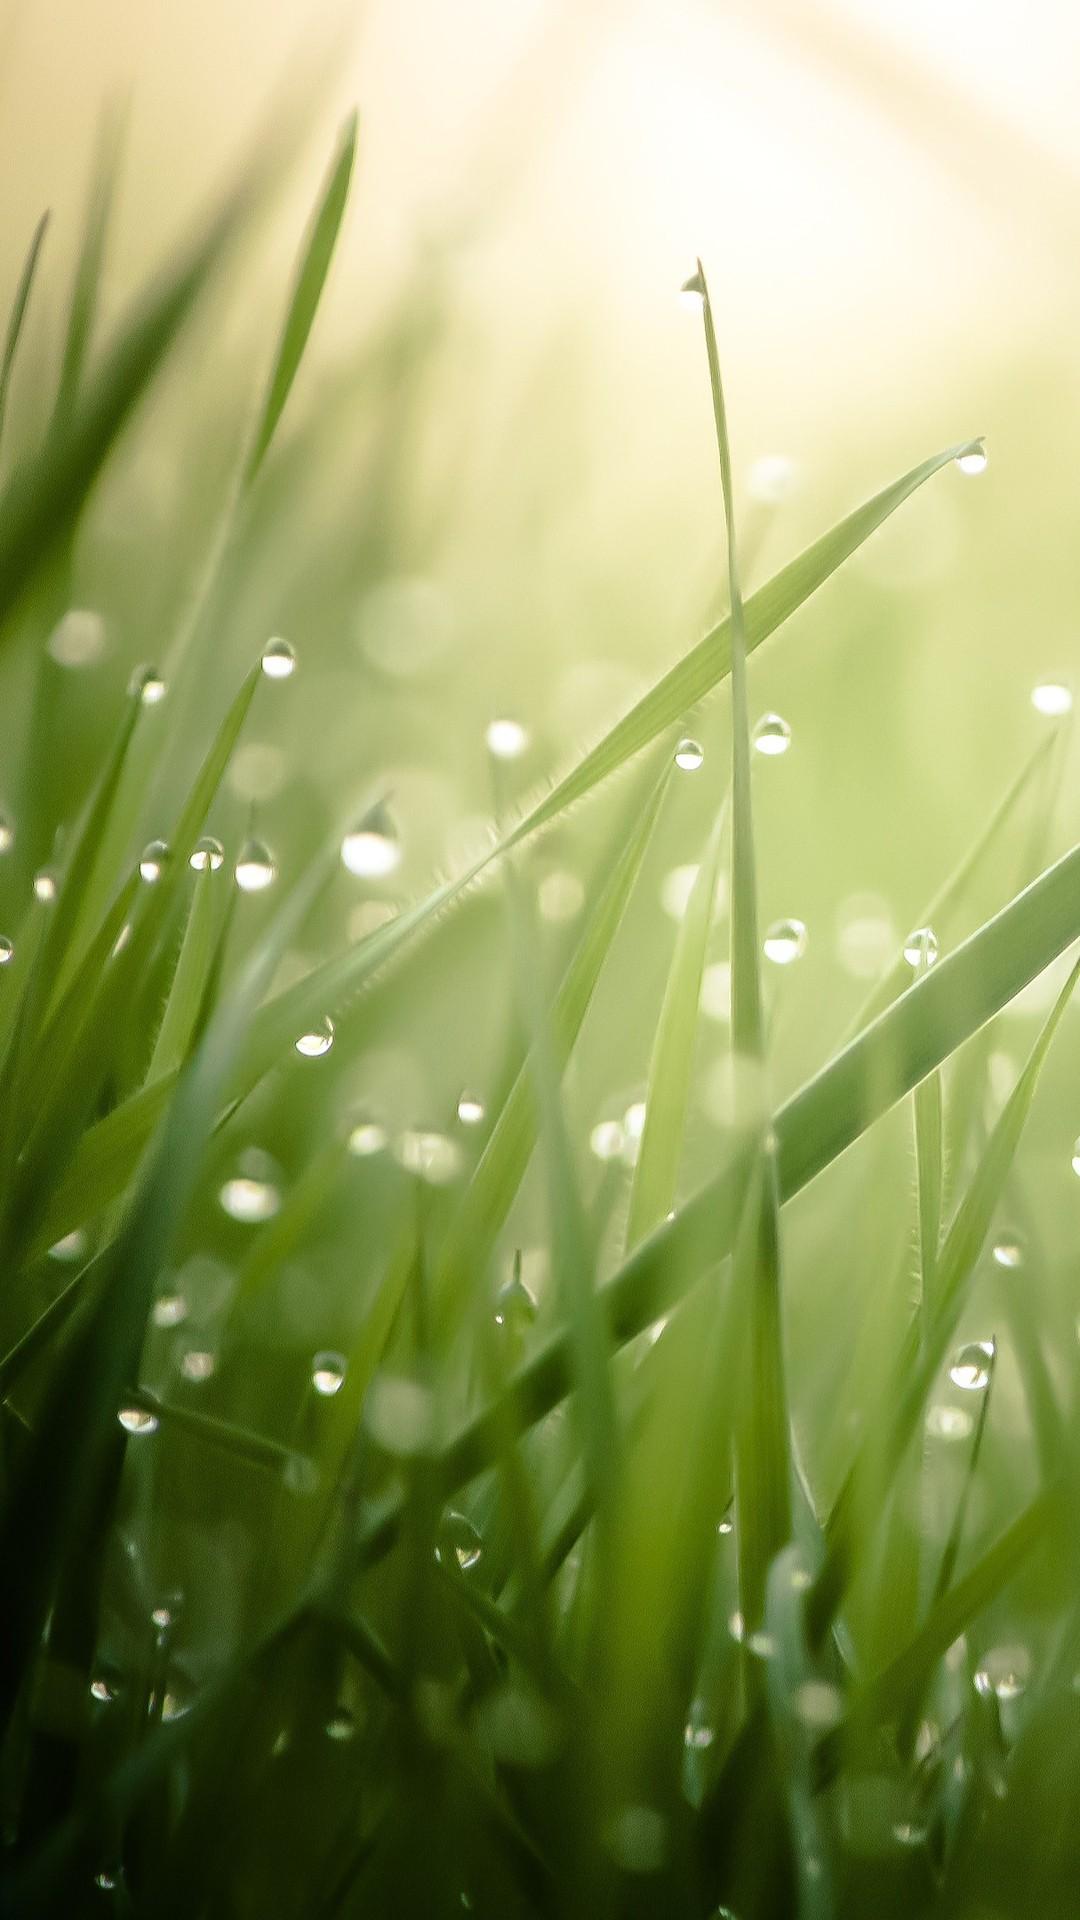 Wallpaper Sunlight Water Nature Branch Green Dew